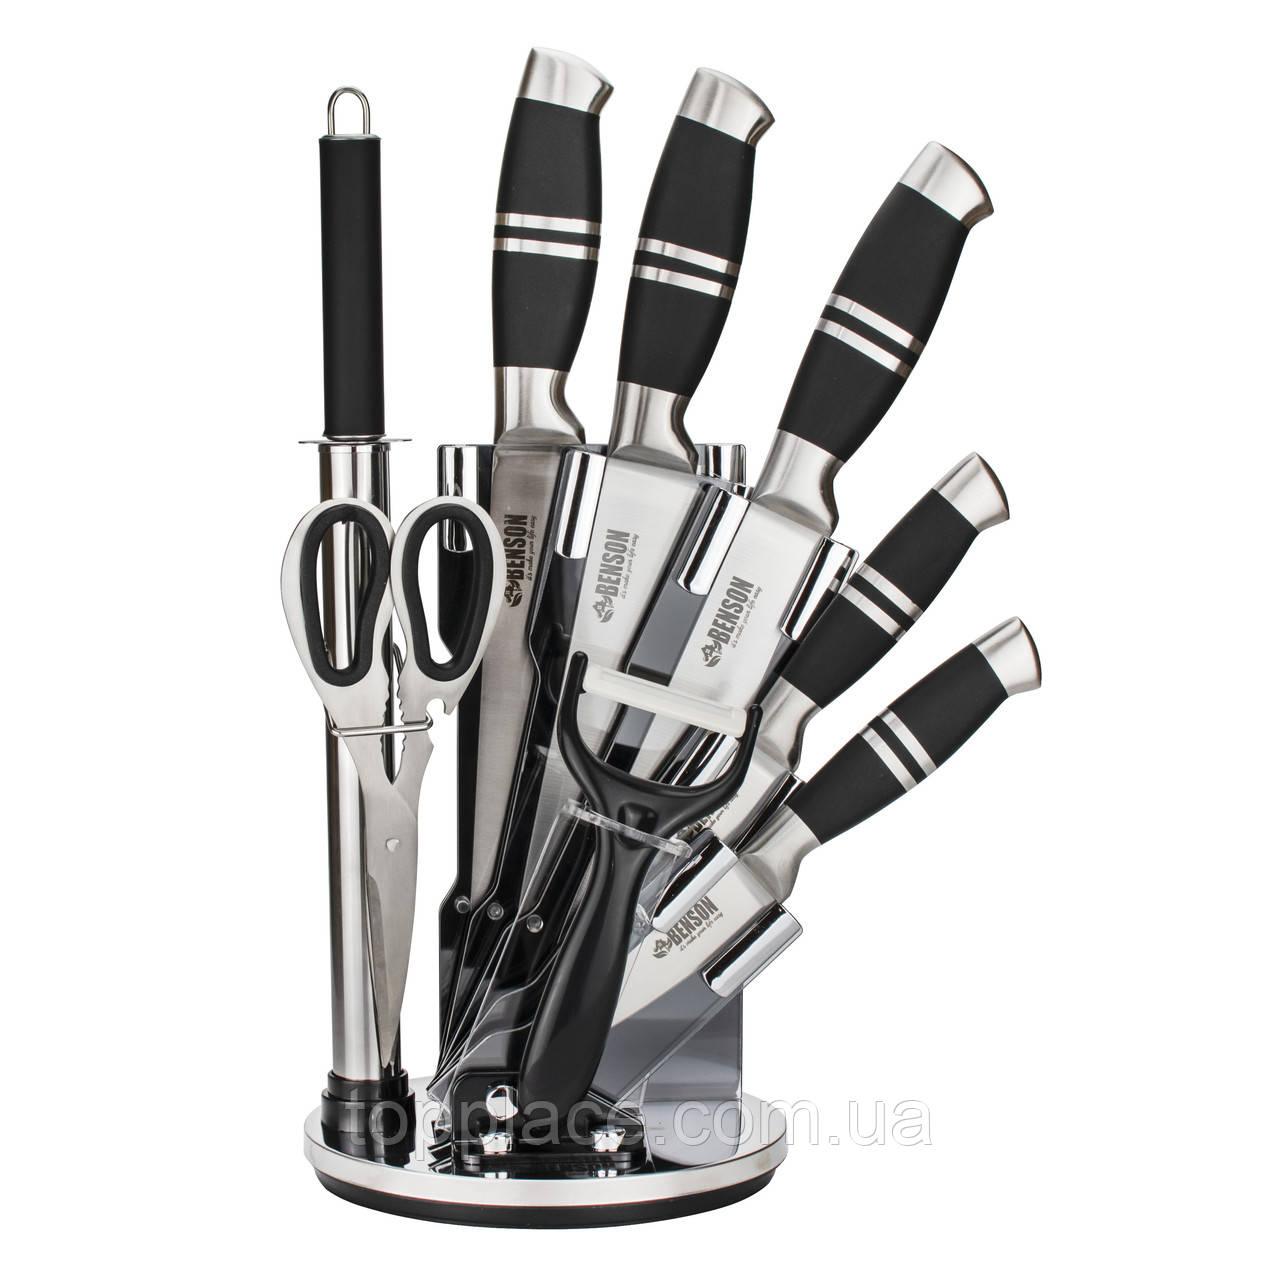 Набор кухонных ножей с подставкой Benson BN-402, 9 предметов